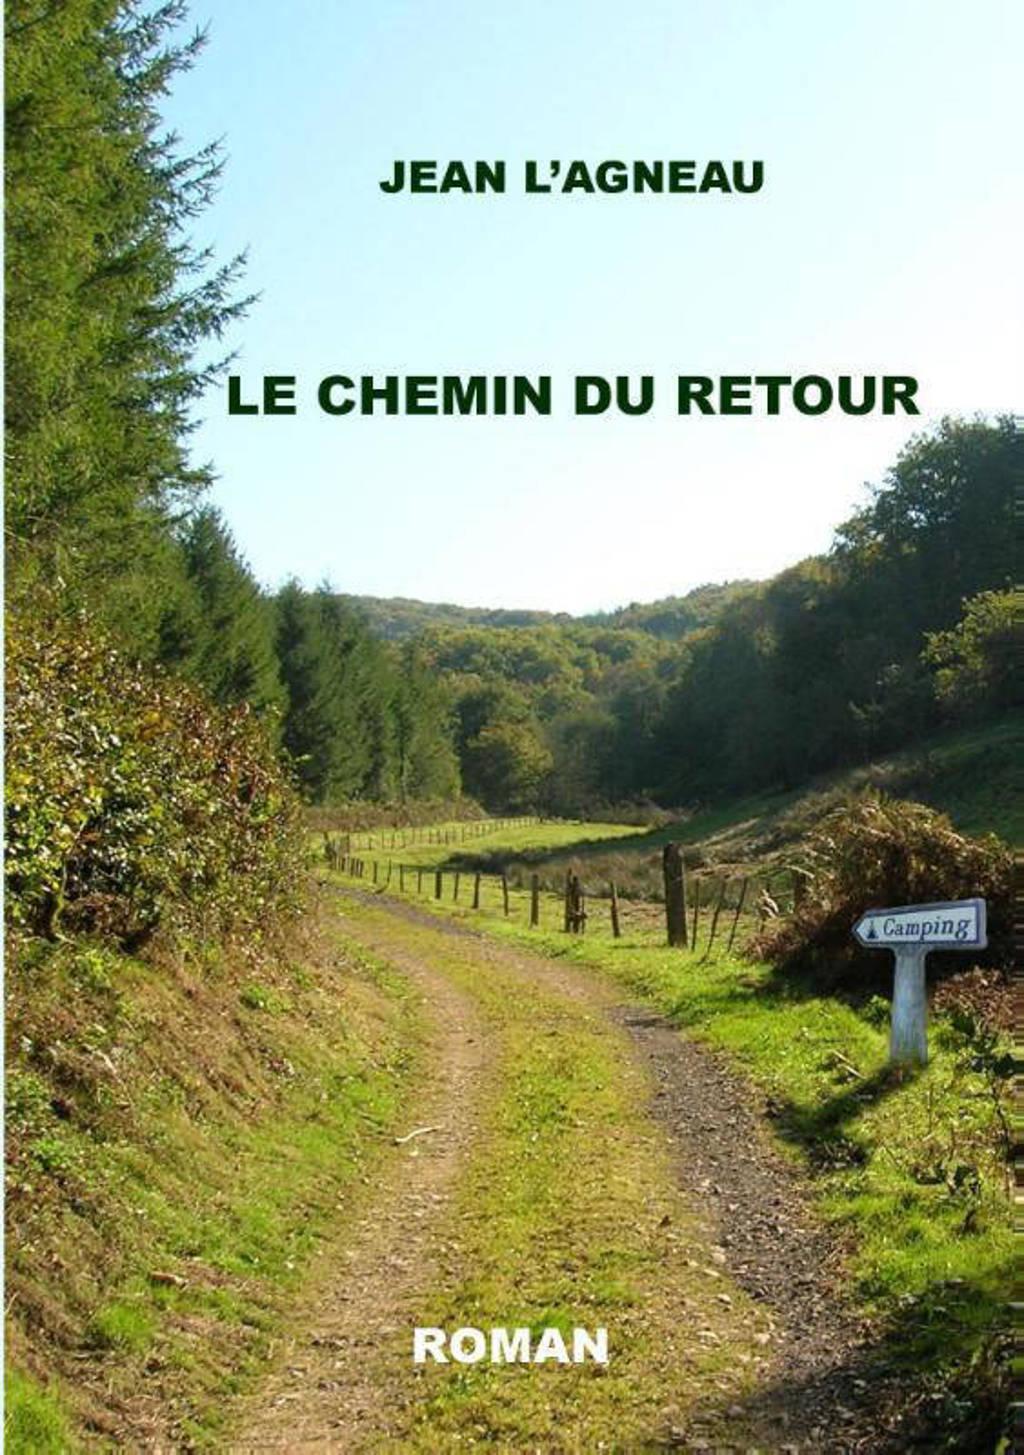 Le chemin du retour - Jean l'Agneau